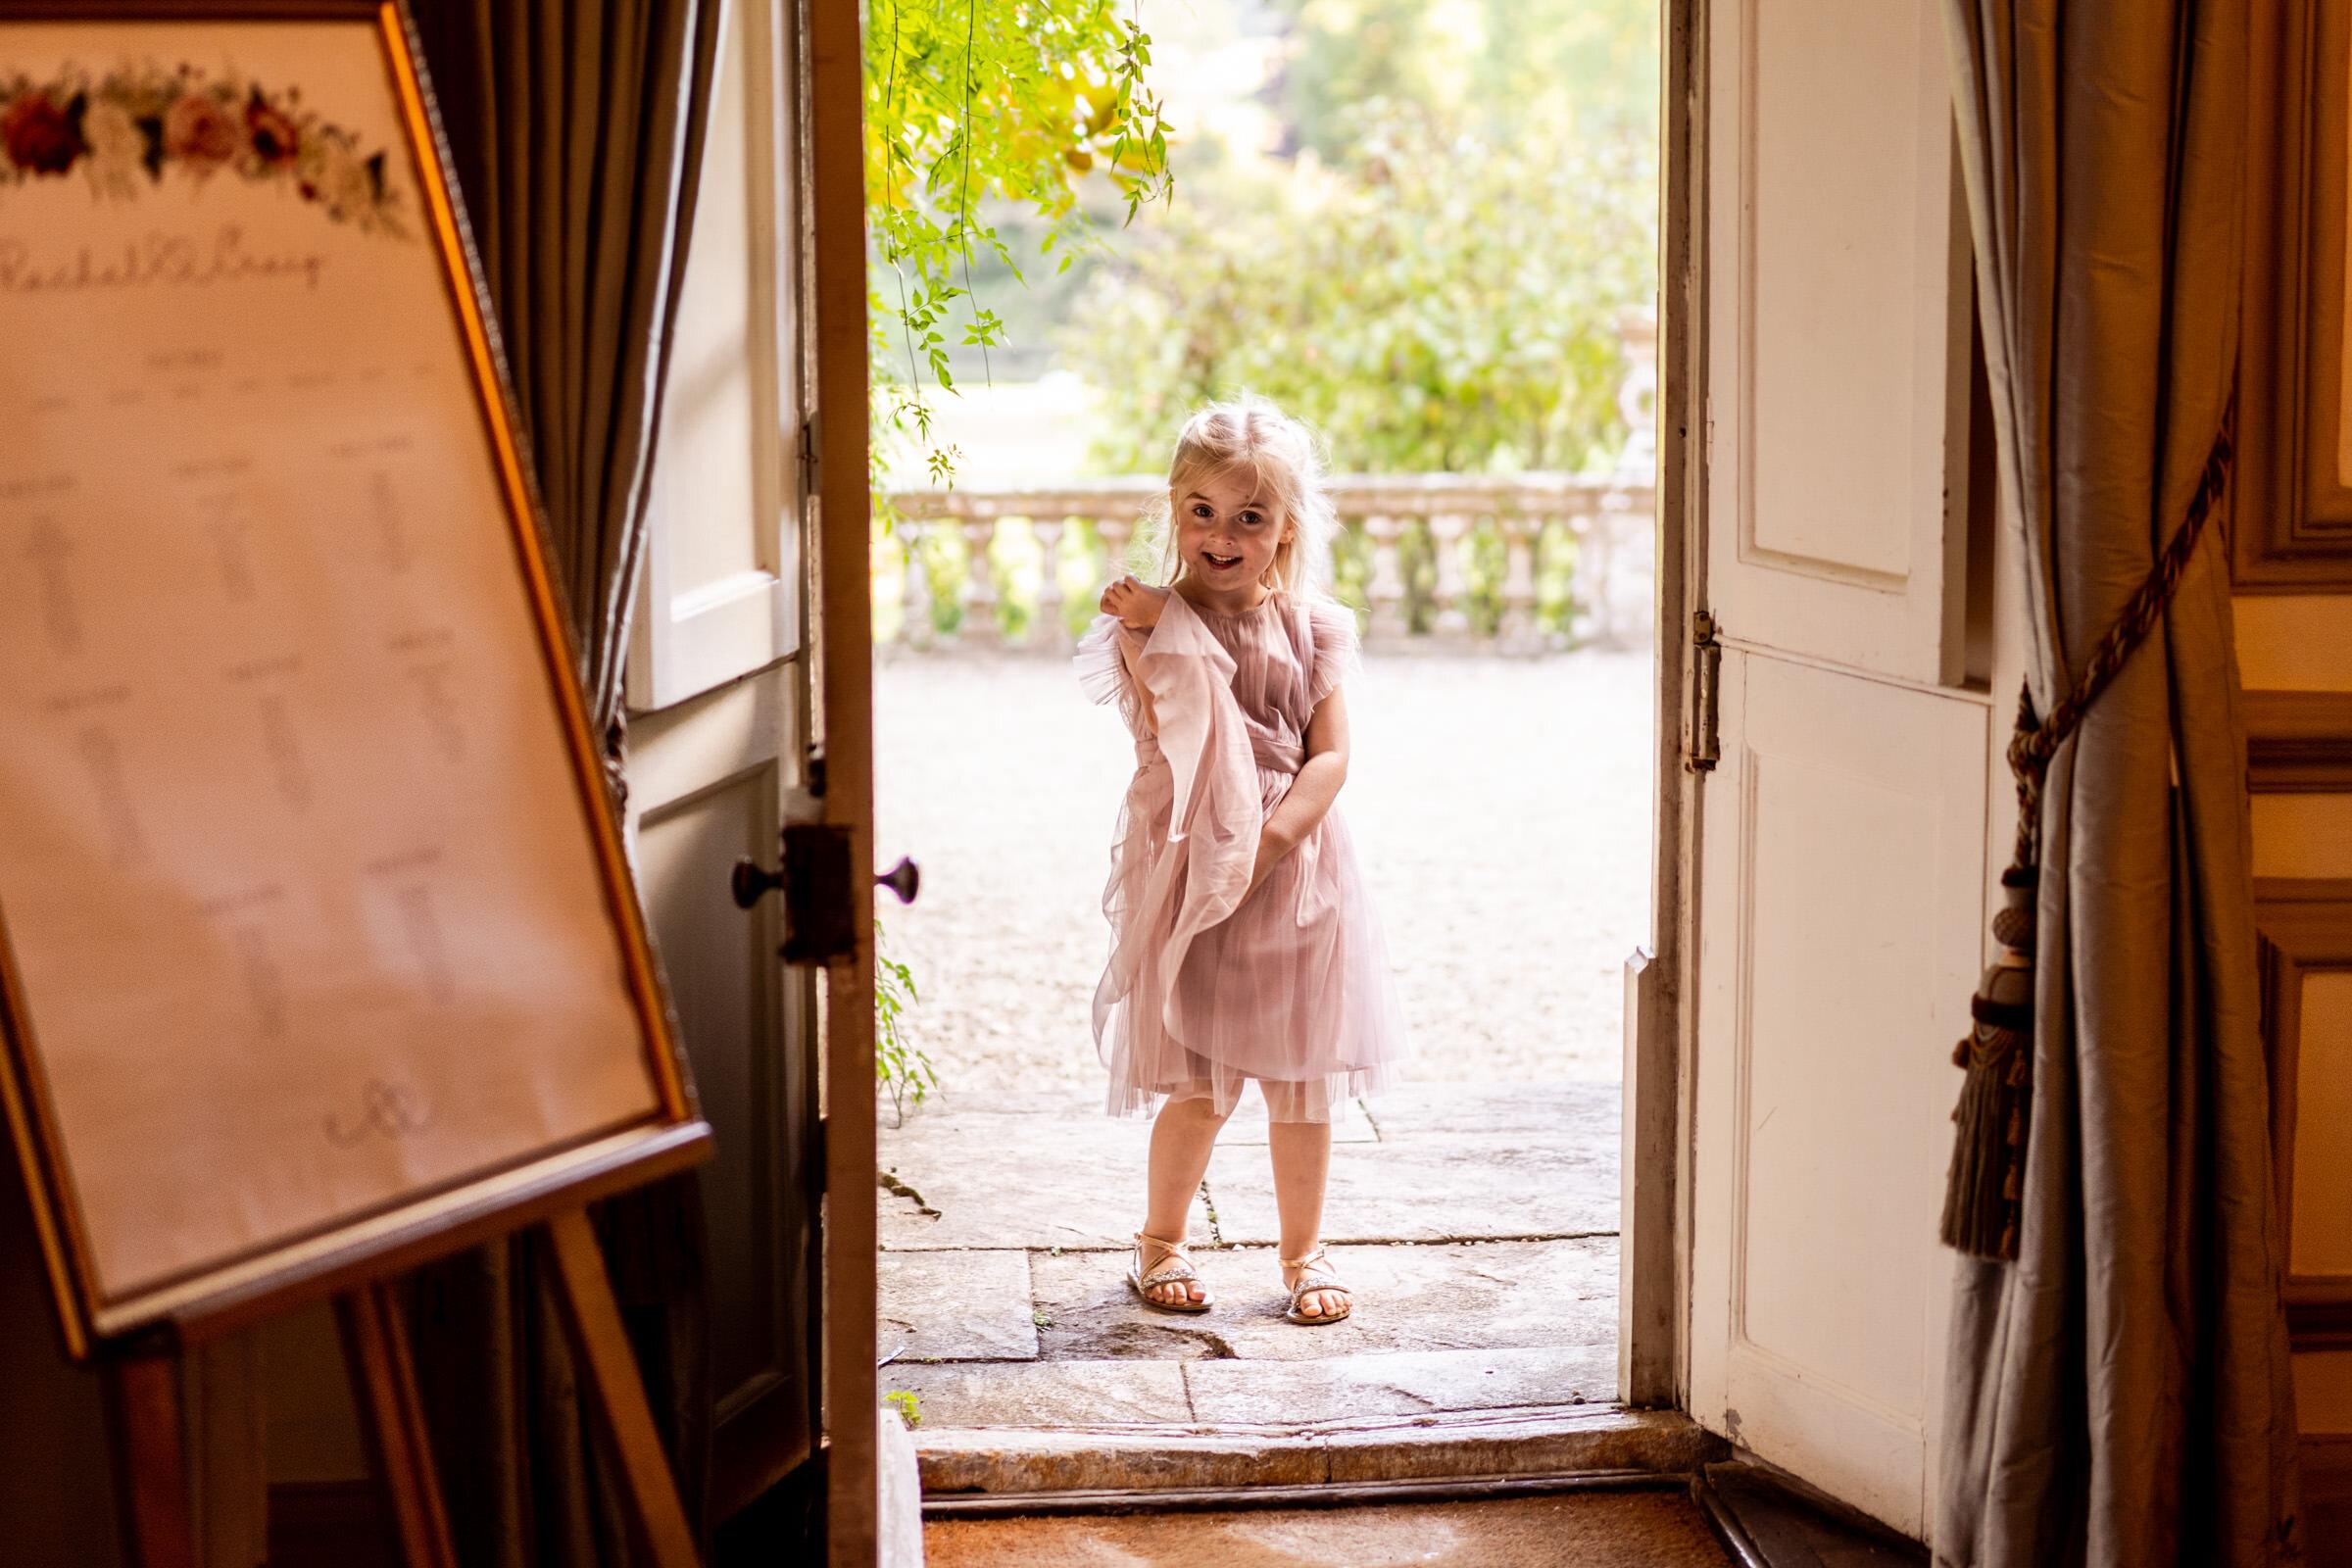 悉尼·豪斯的照片,婚礼的照片